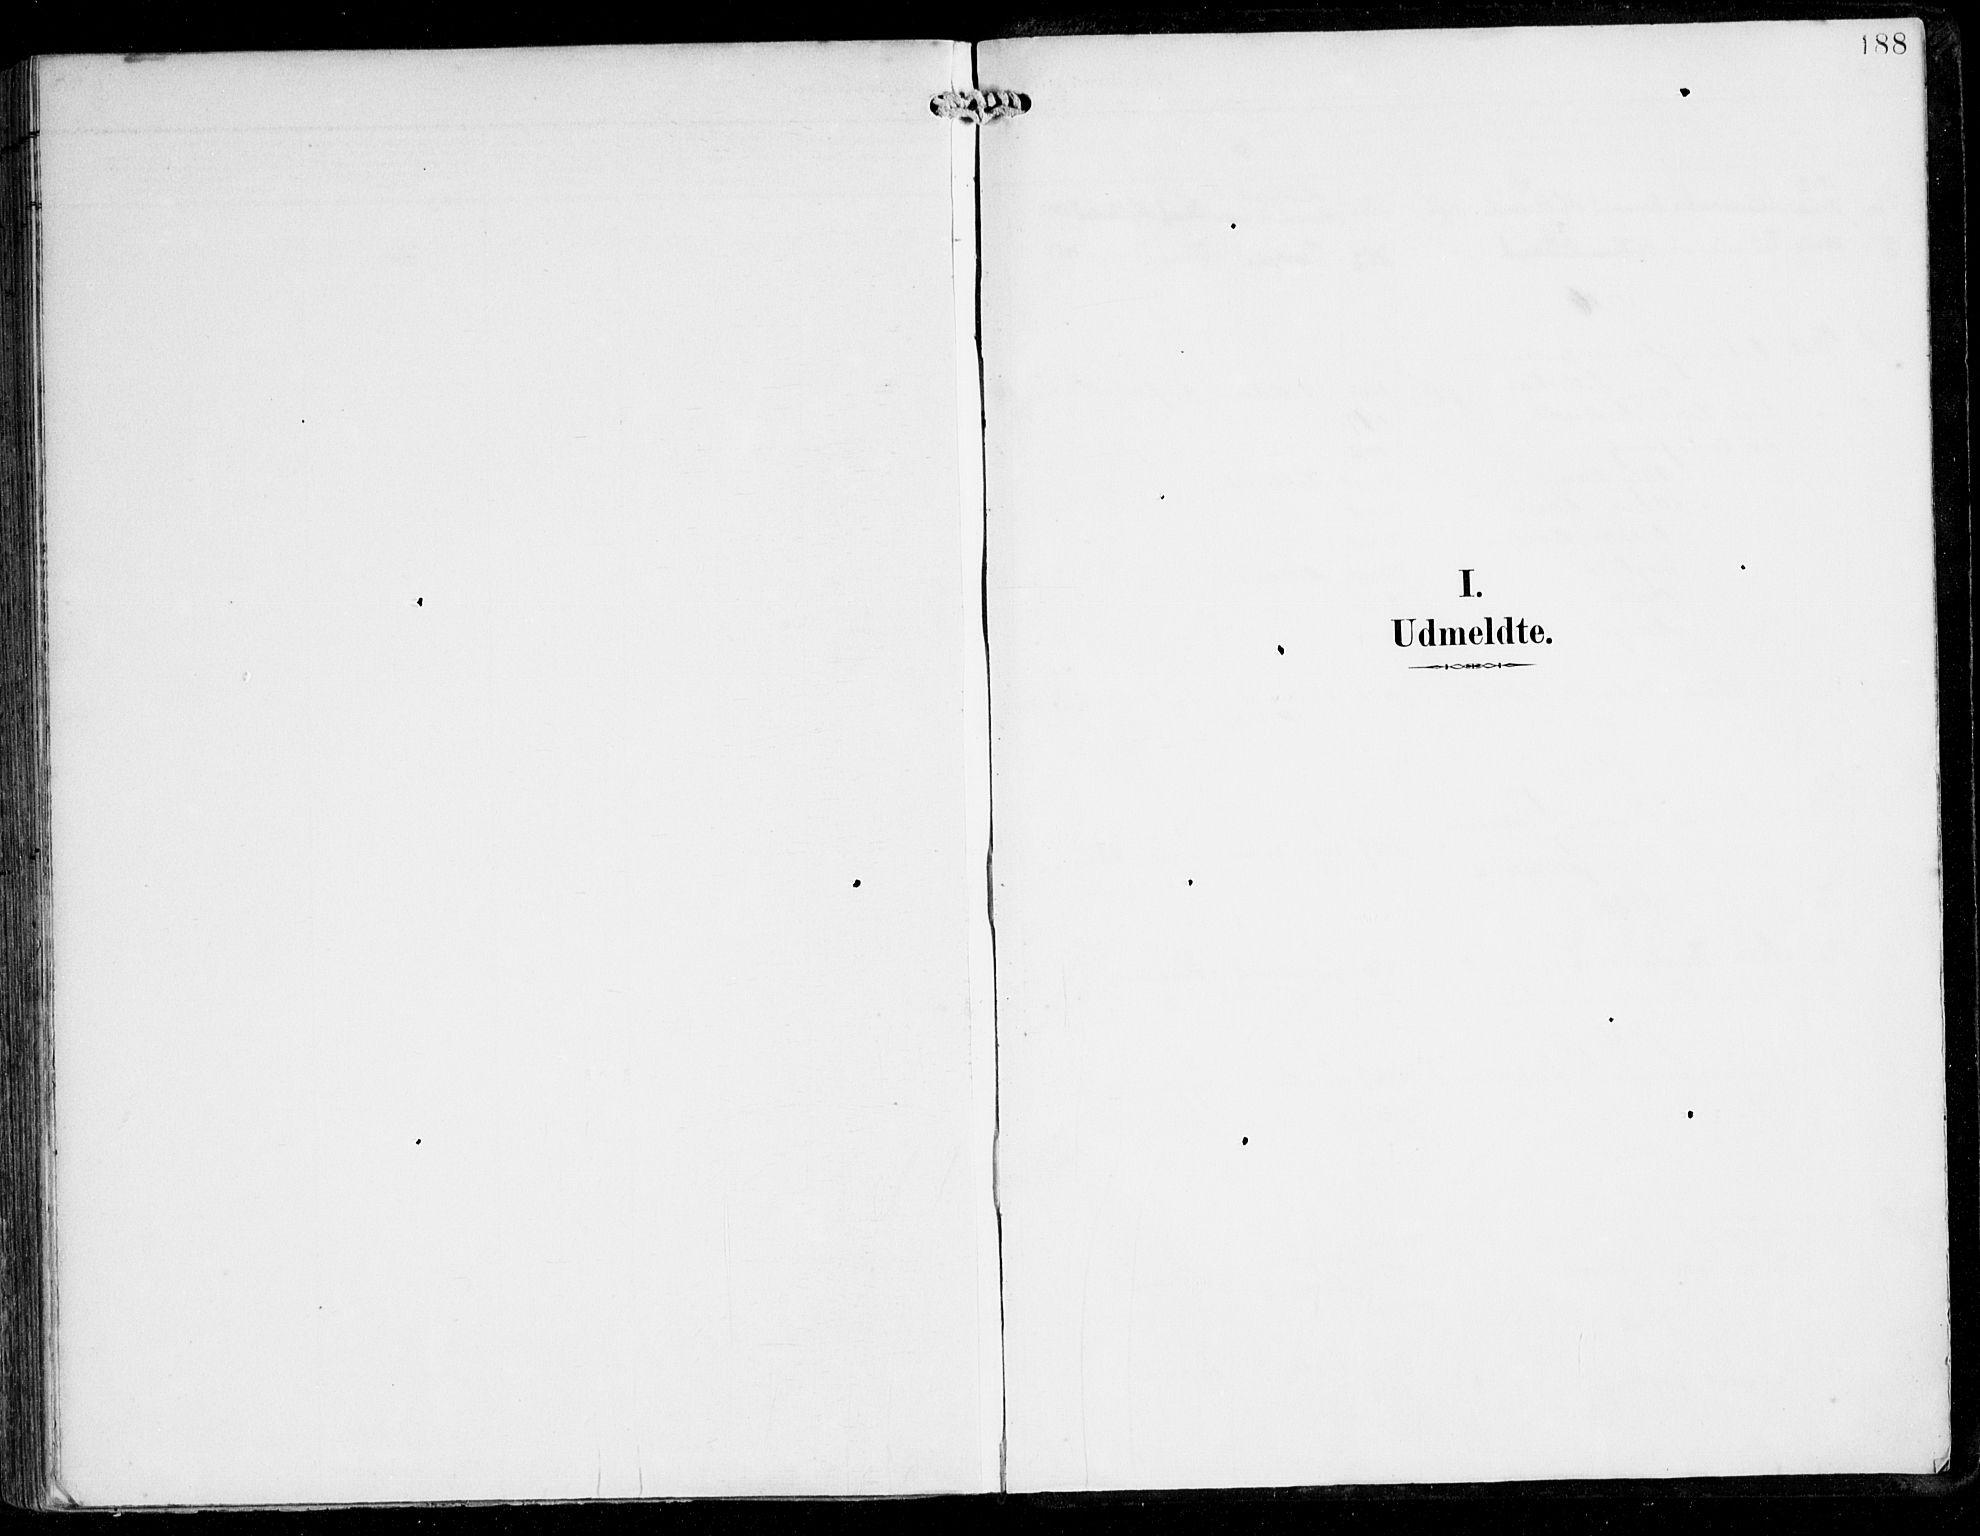 SAB, Alversund Sokneprestembete, H/Ha/Haa/Haaa/L0003: Ministerialbok nr. A 3, 1897-1926, s. 188